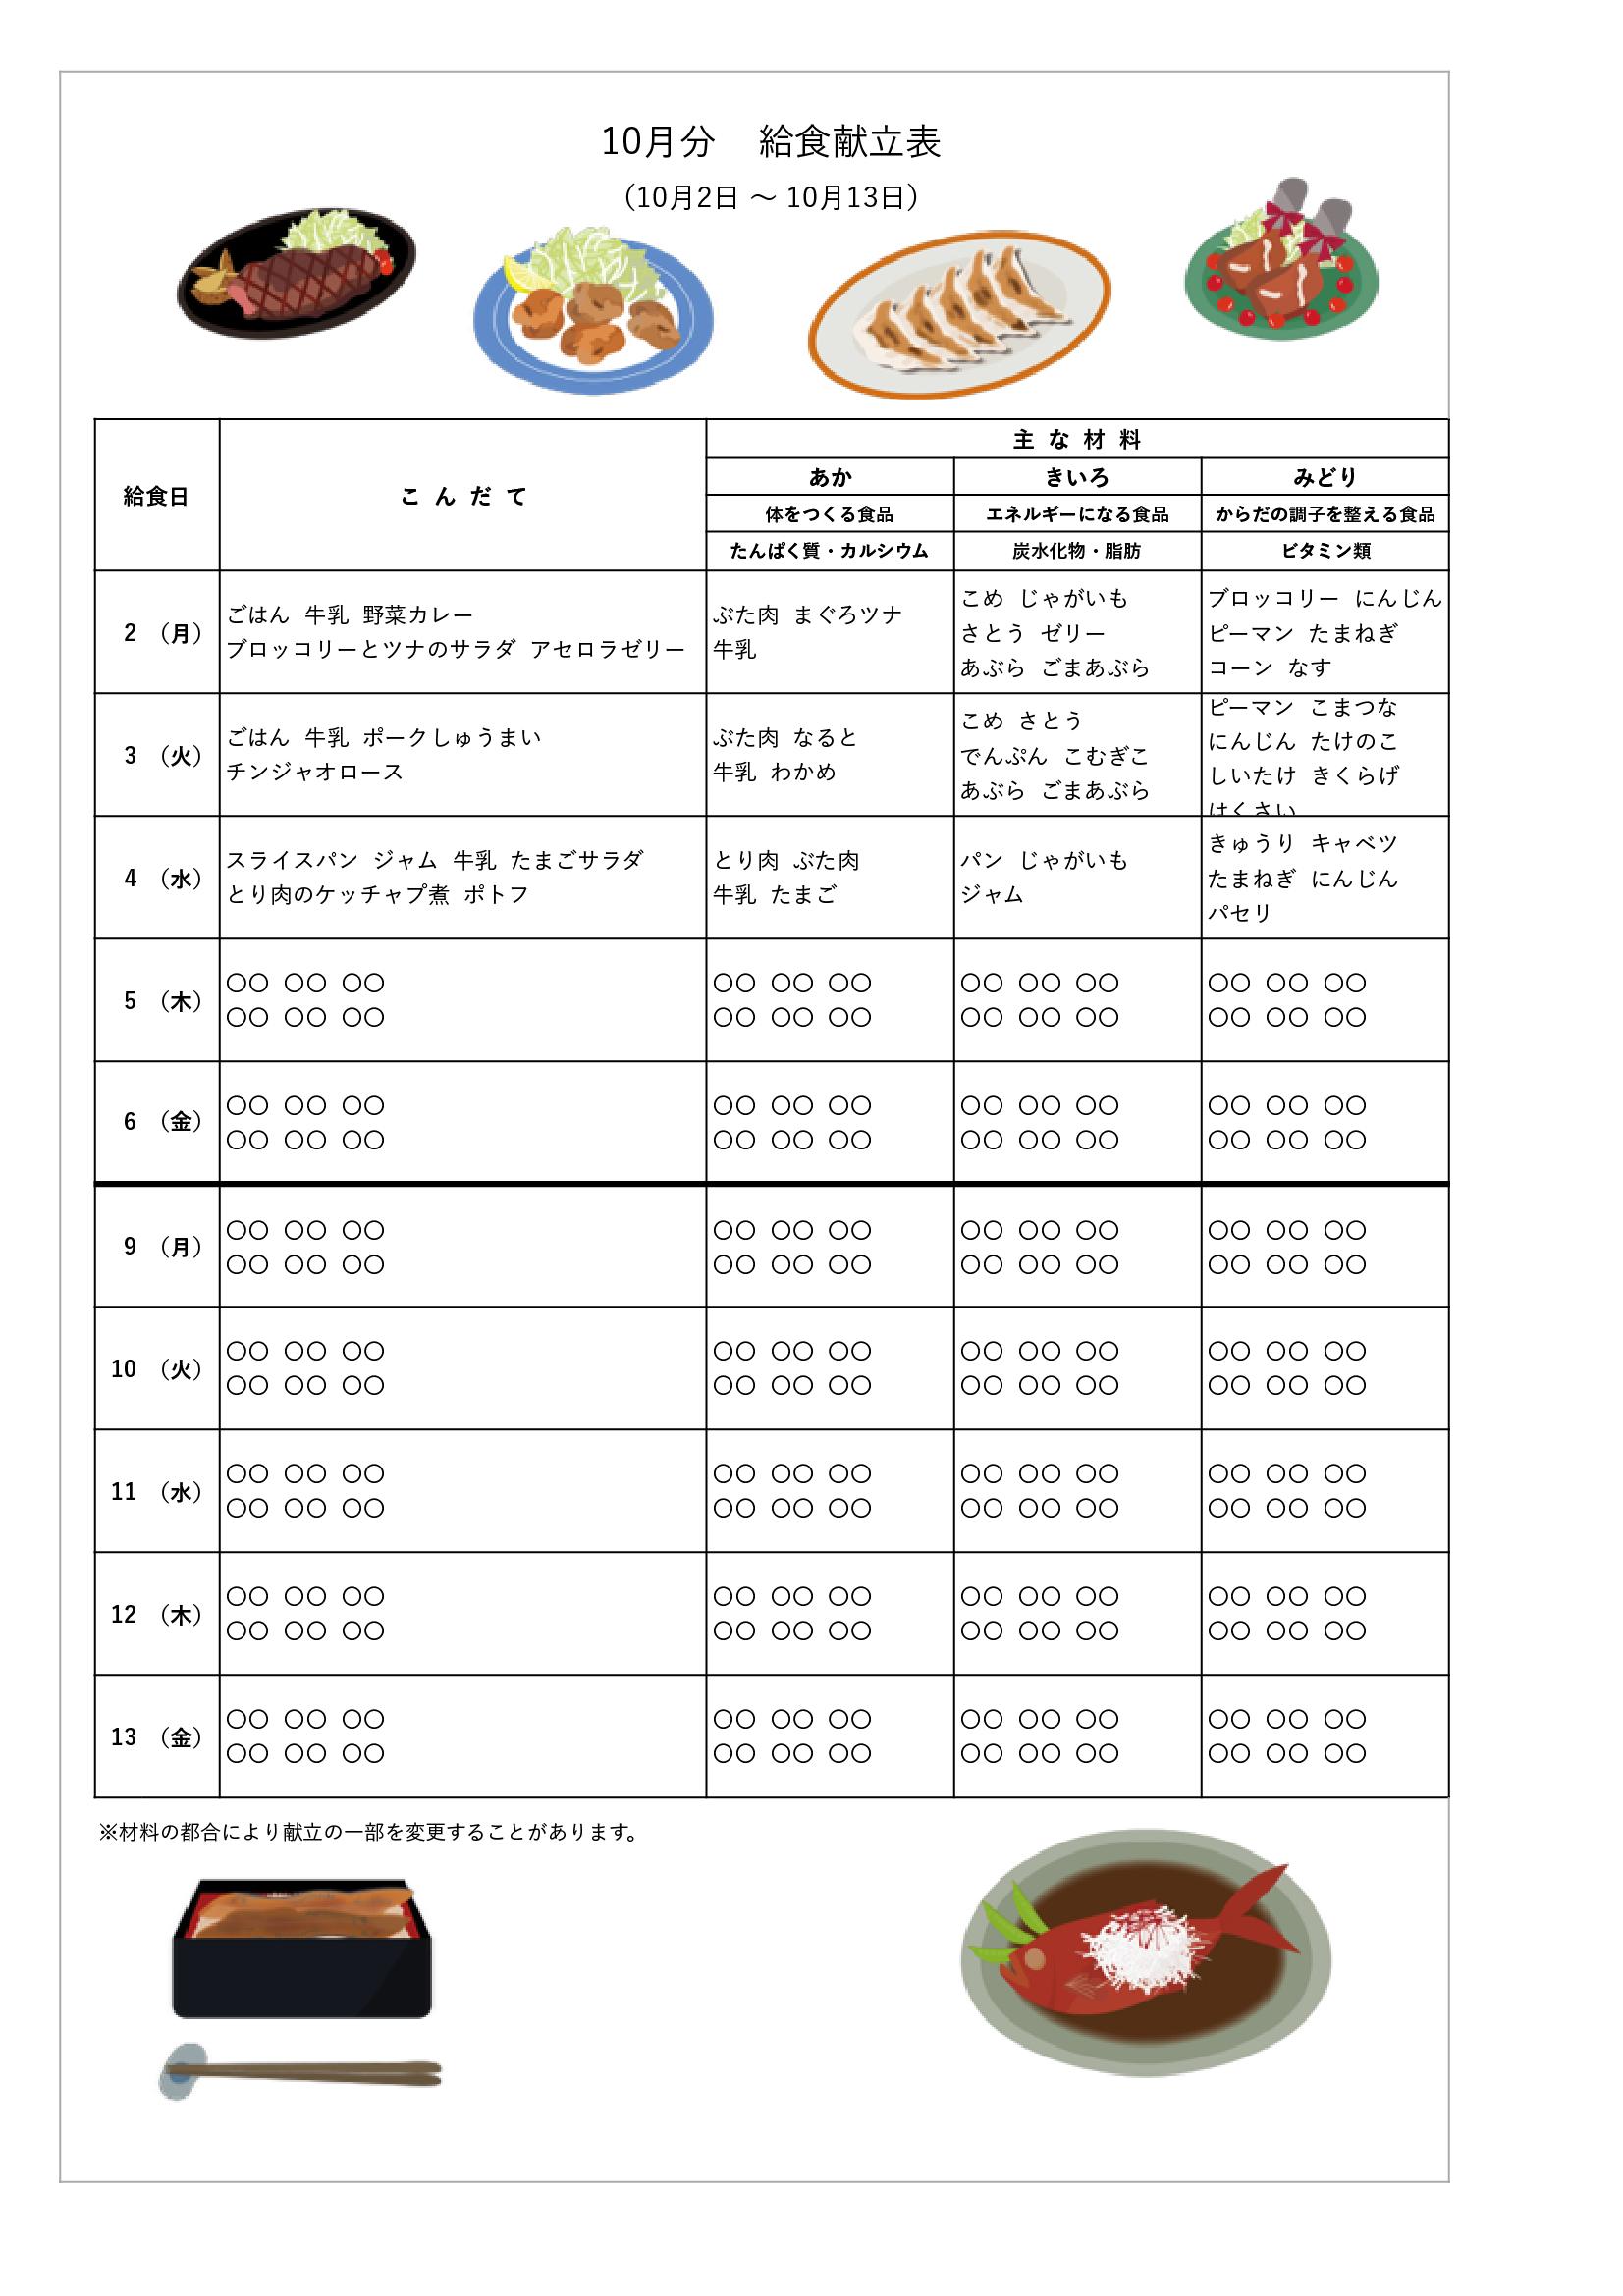 献立表 栄養バランステンプレート_食育(エクセル・ナンバーズ)